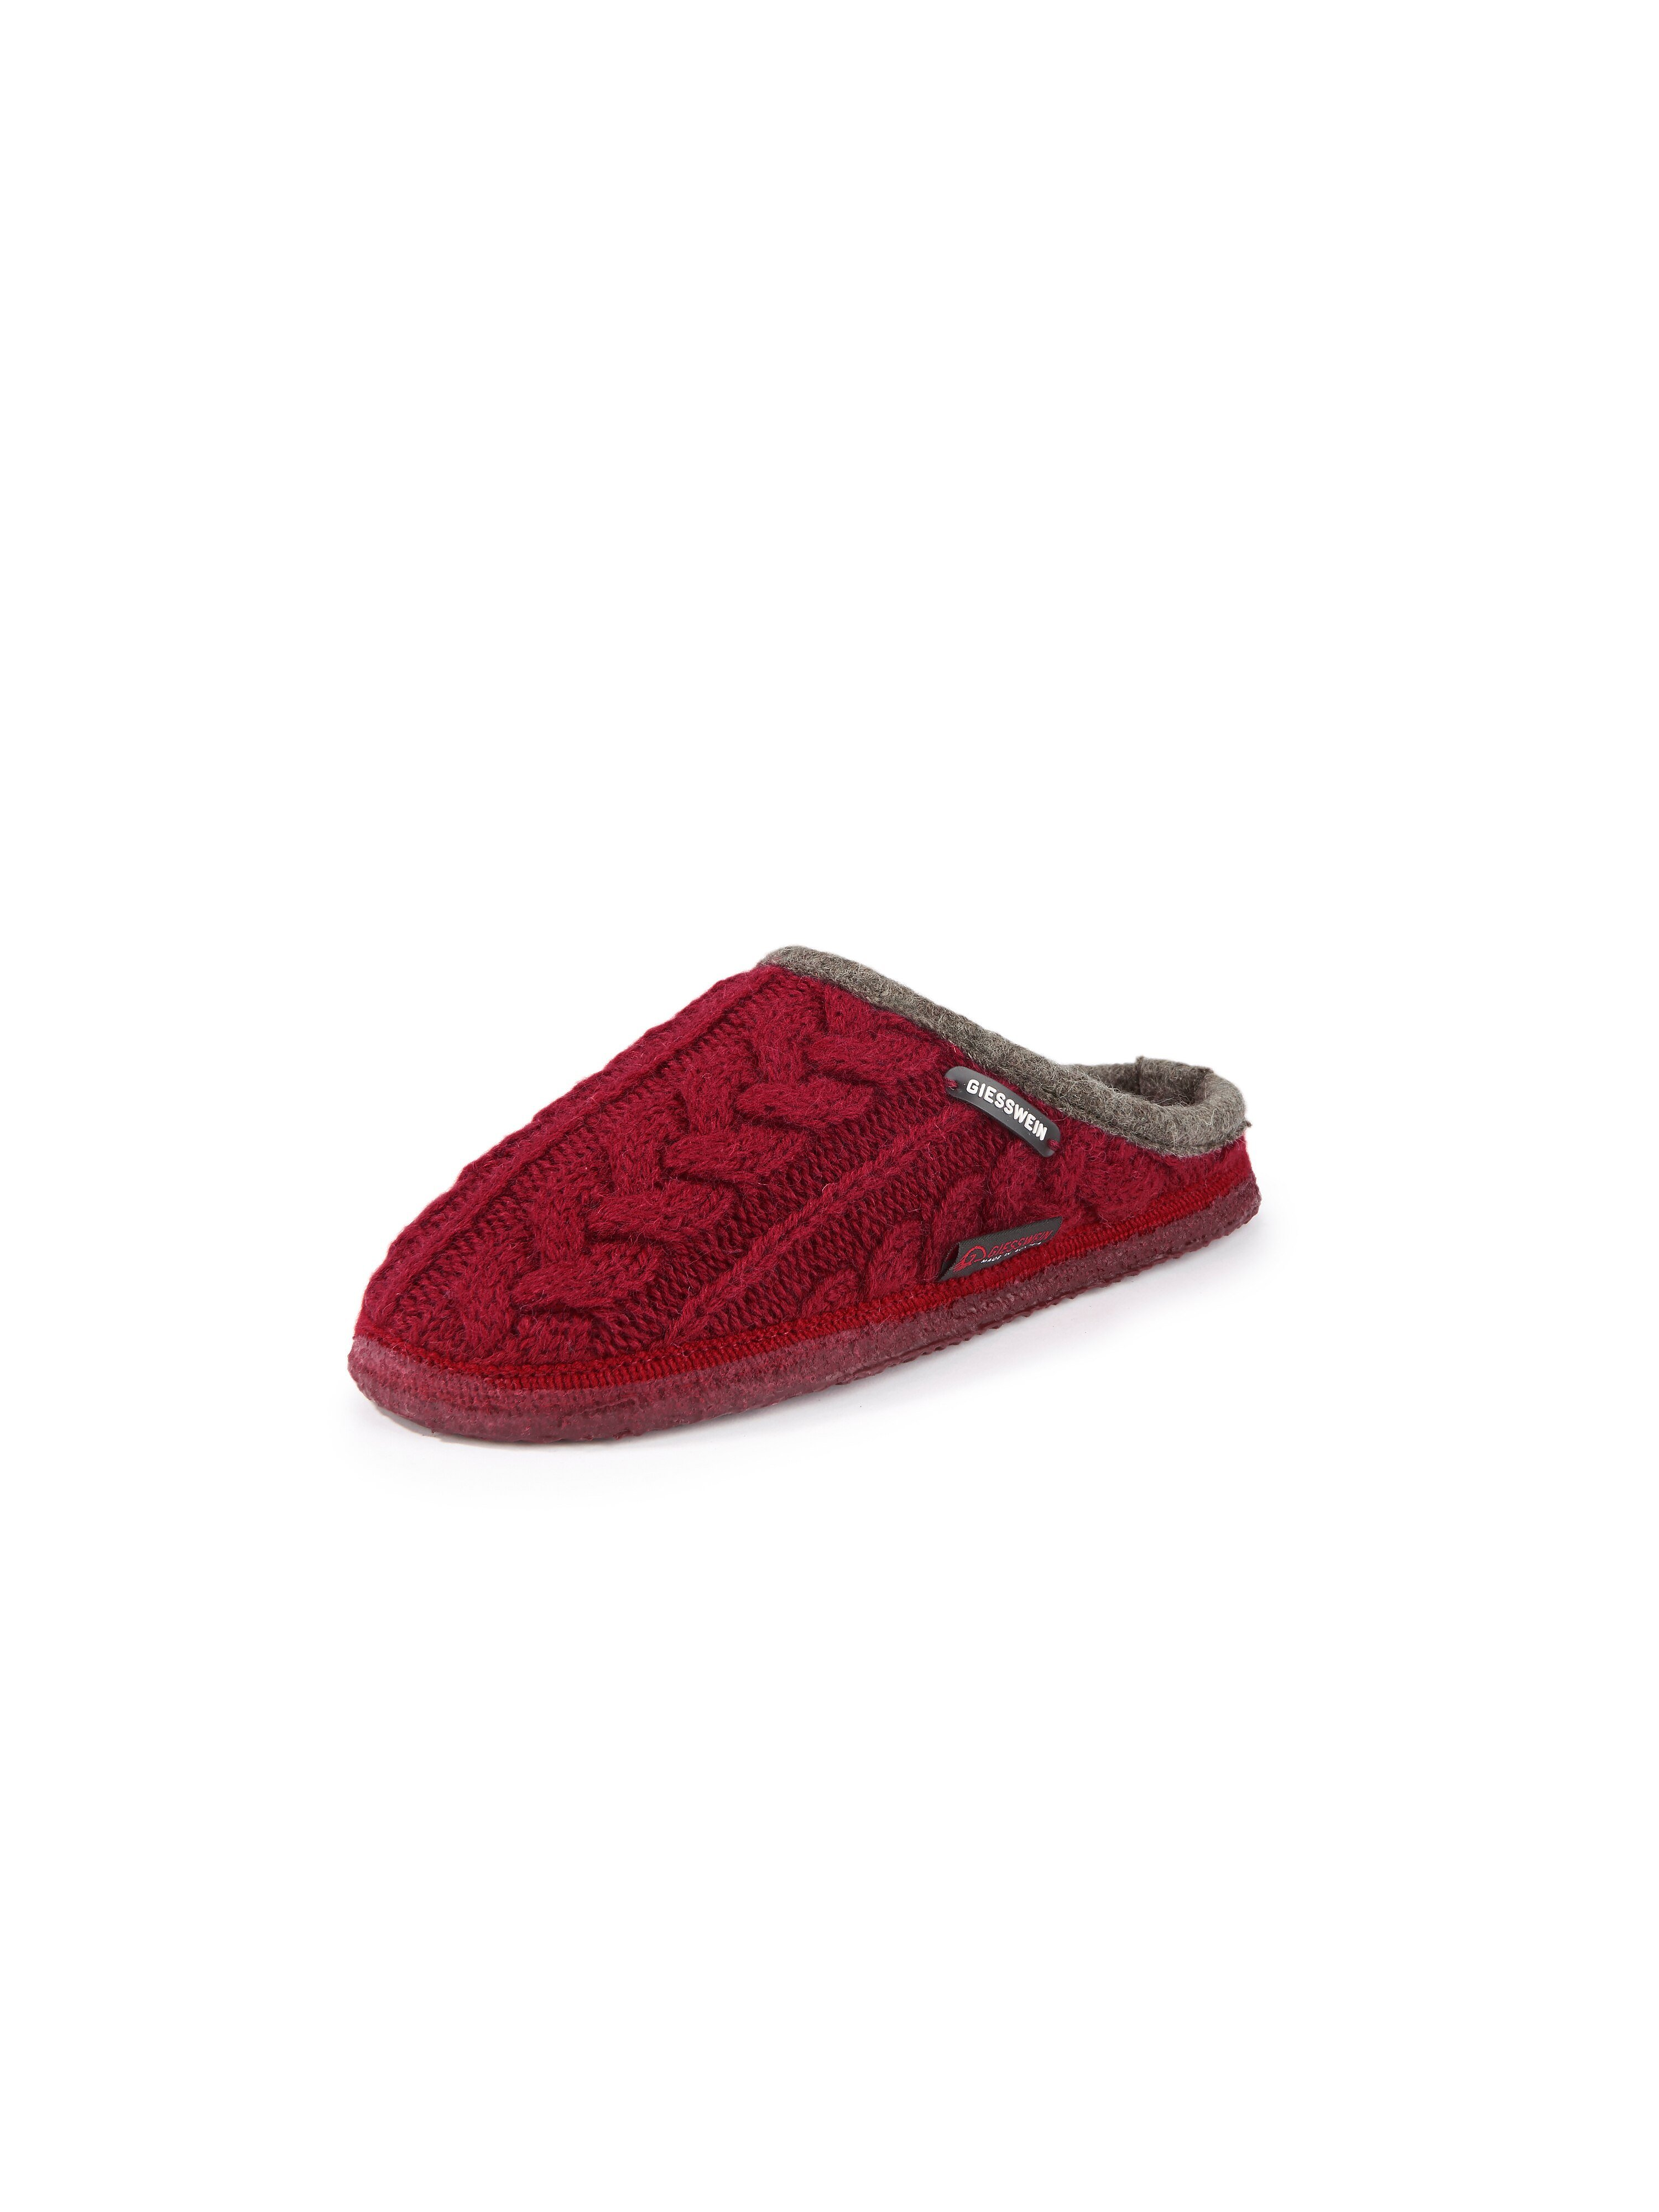 Pantoffels Van Giesswein rood